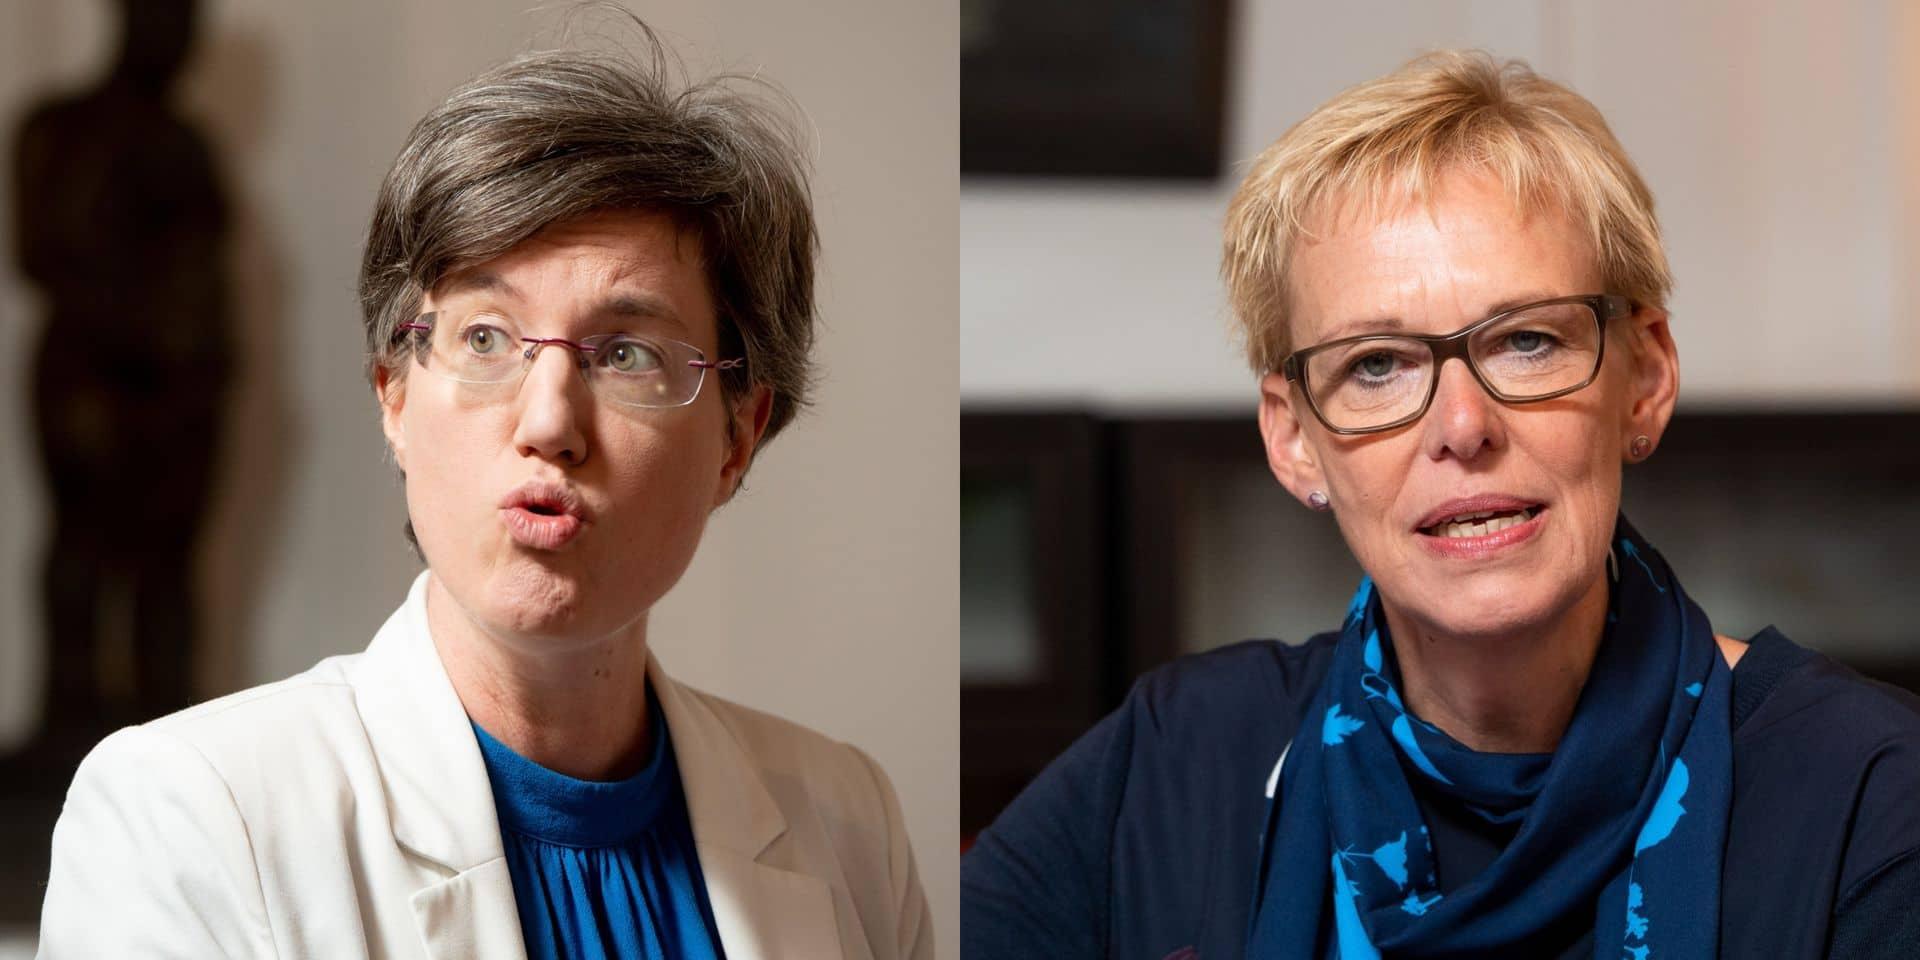 Fédération bruxelloise du PS: Catherine Moureaux et Karine Lalieux ne sont plus candidates à la vice-présidence